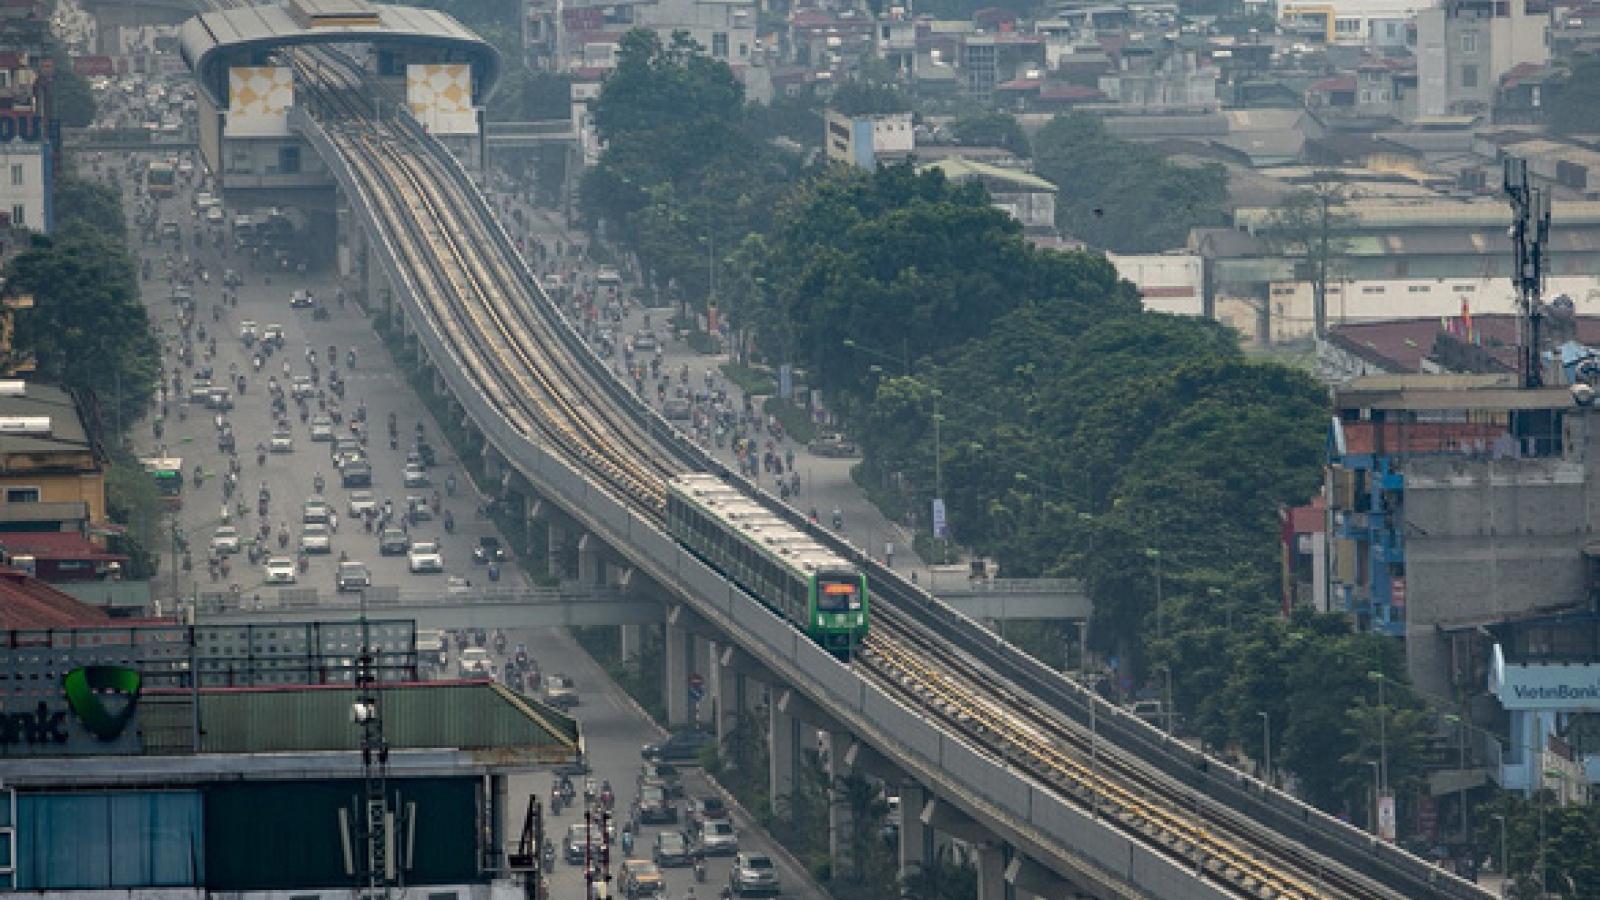 Bắt đầu vận hành thử nghiệm đường sắt Cát Linh - Hà Đông để đánh giá độ an toàn